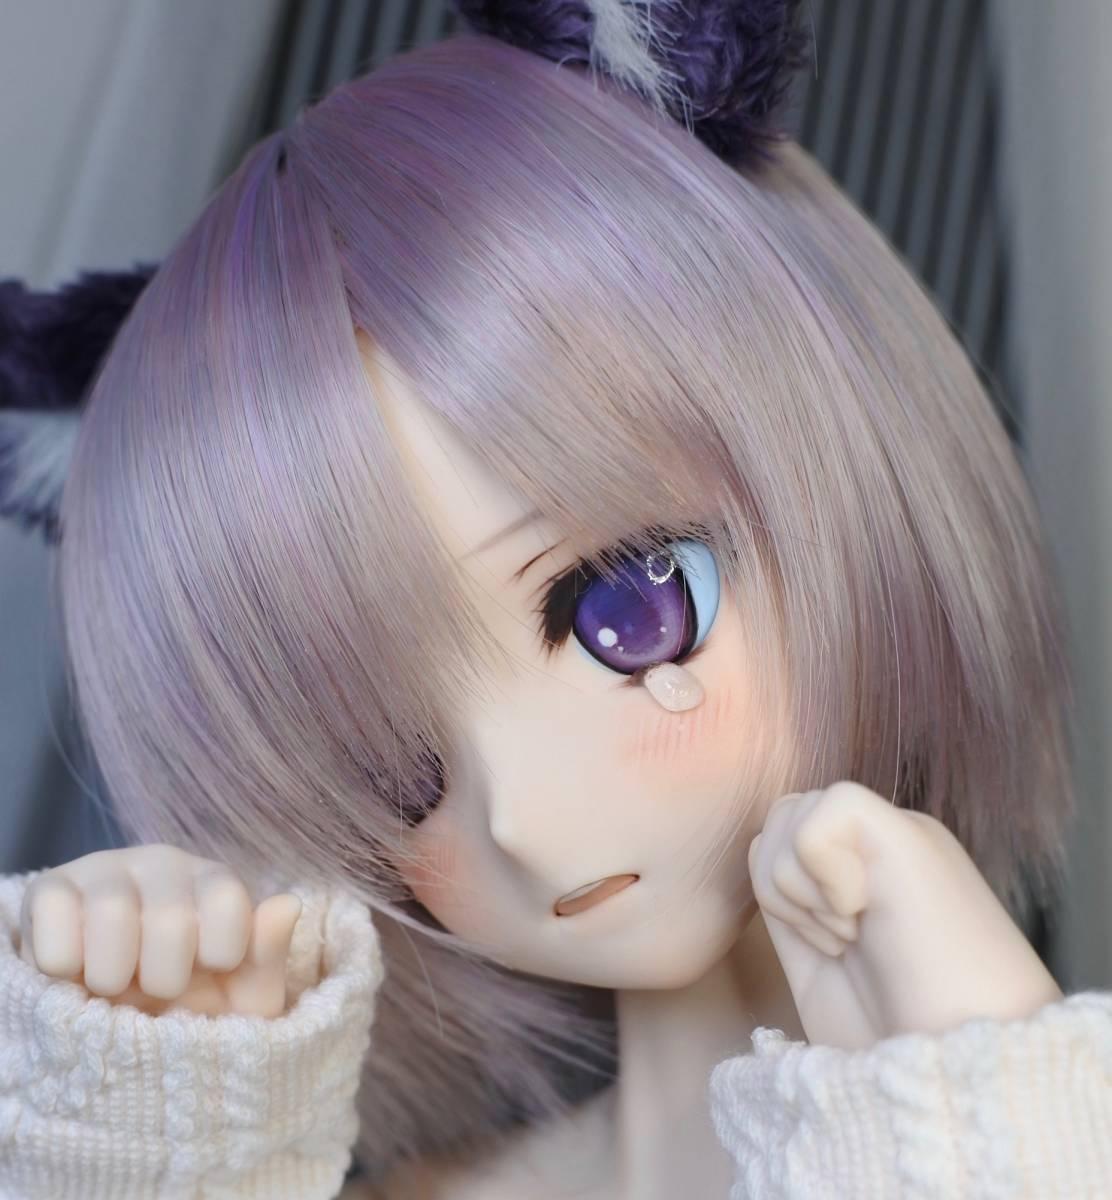 らら屋* DDH-09(開口 SW肌)カスタムヘッド&ウィッグ+α(獣耳+猫手袋+眼鏡)_画像5